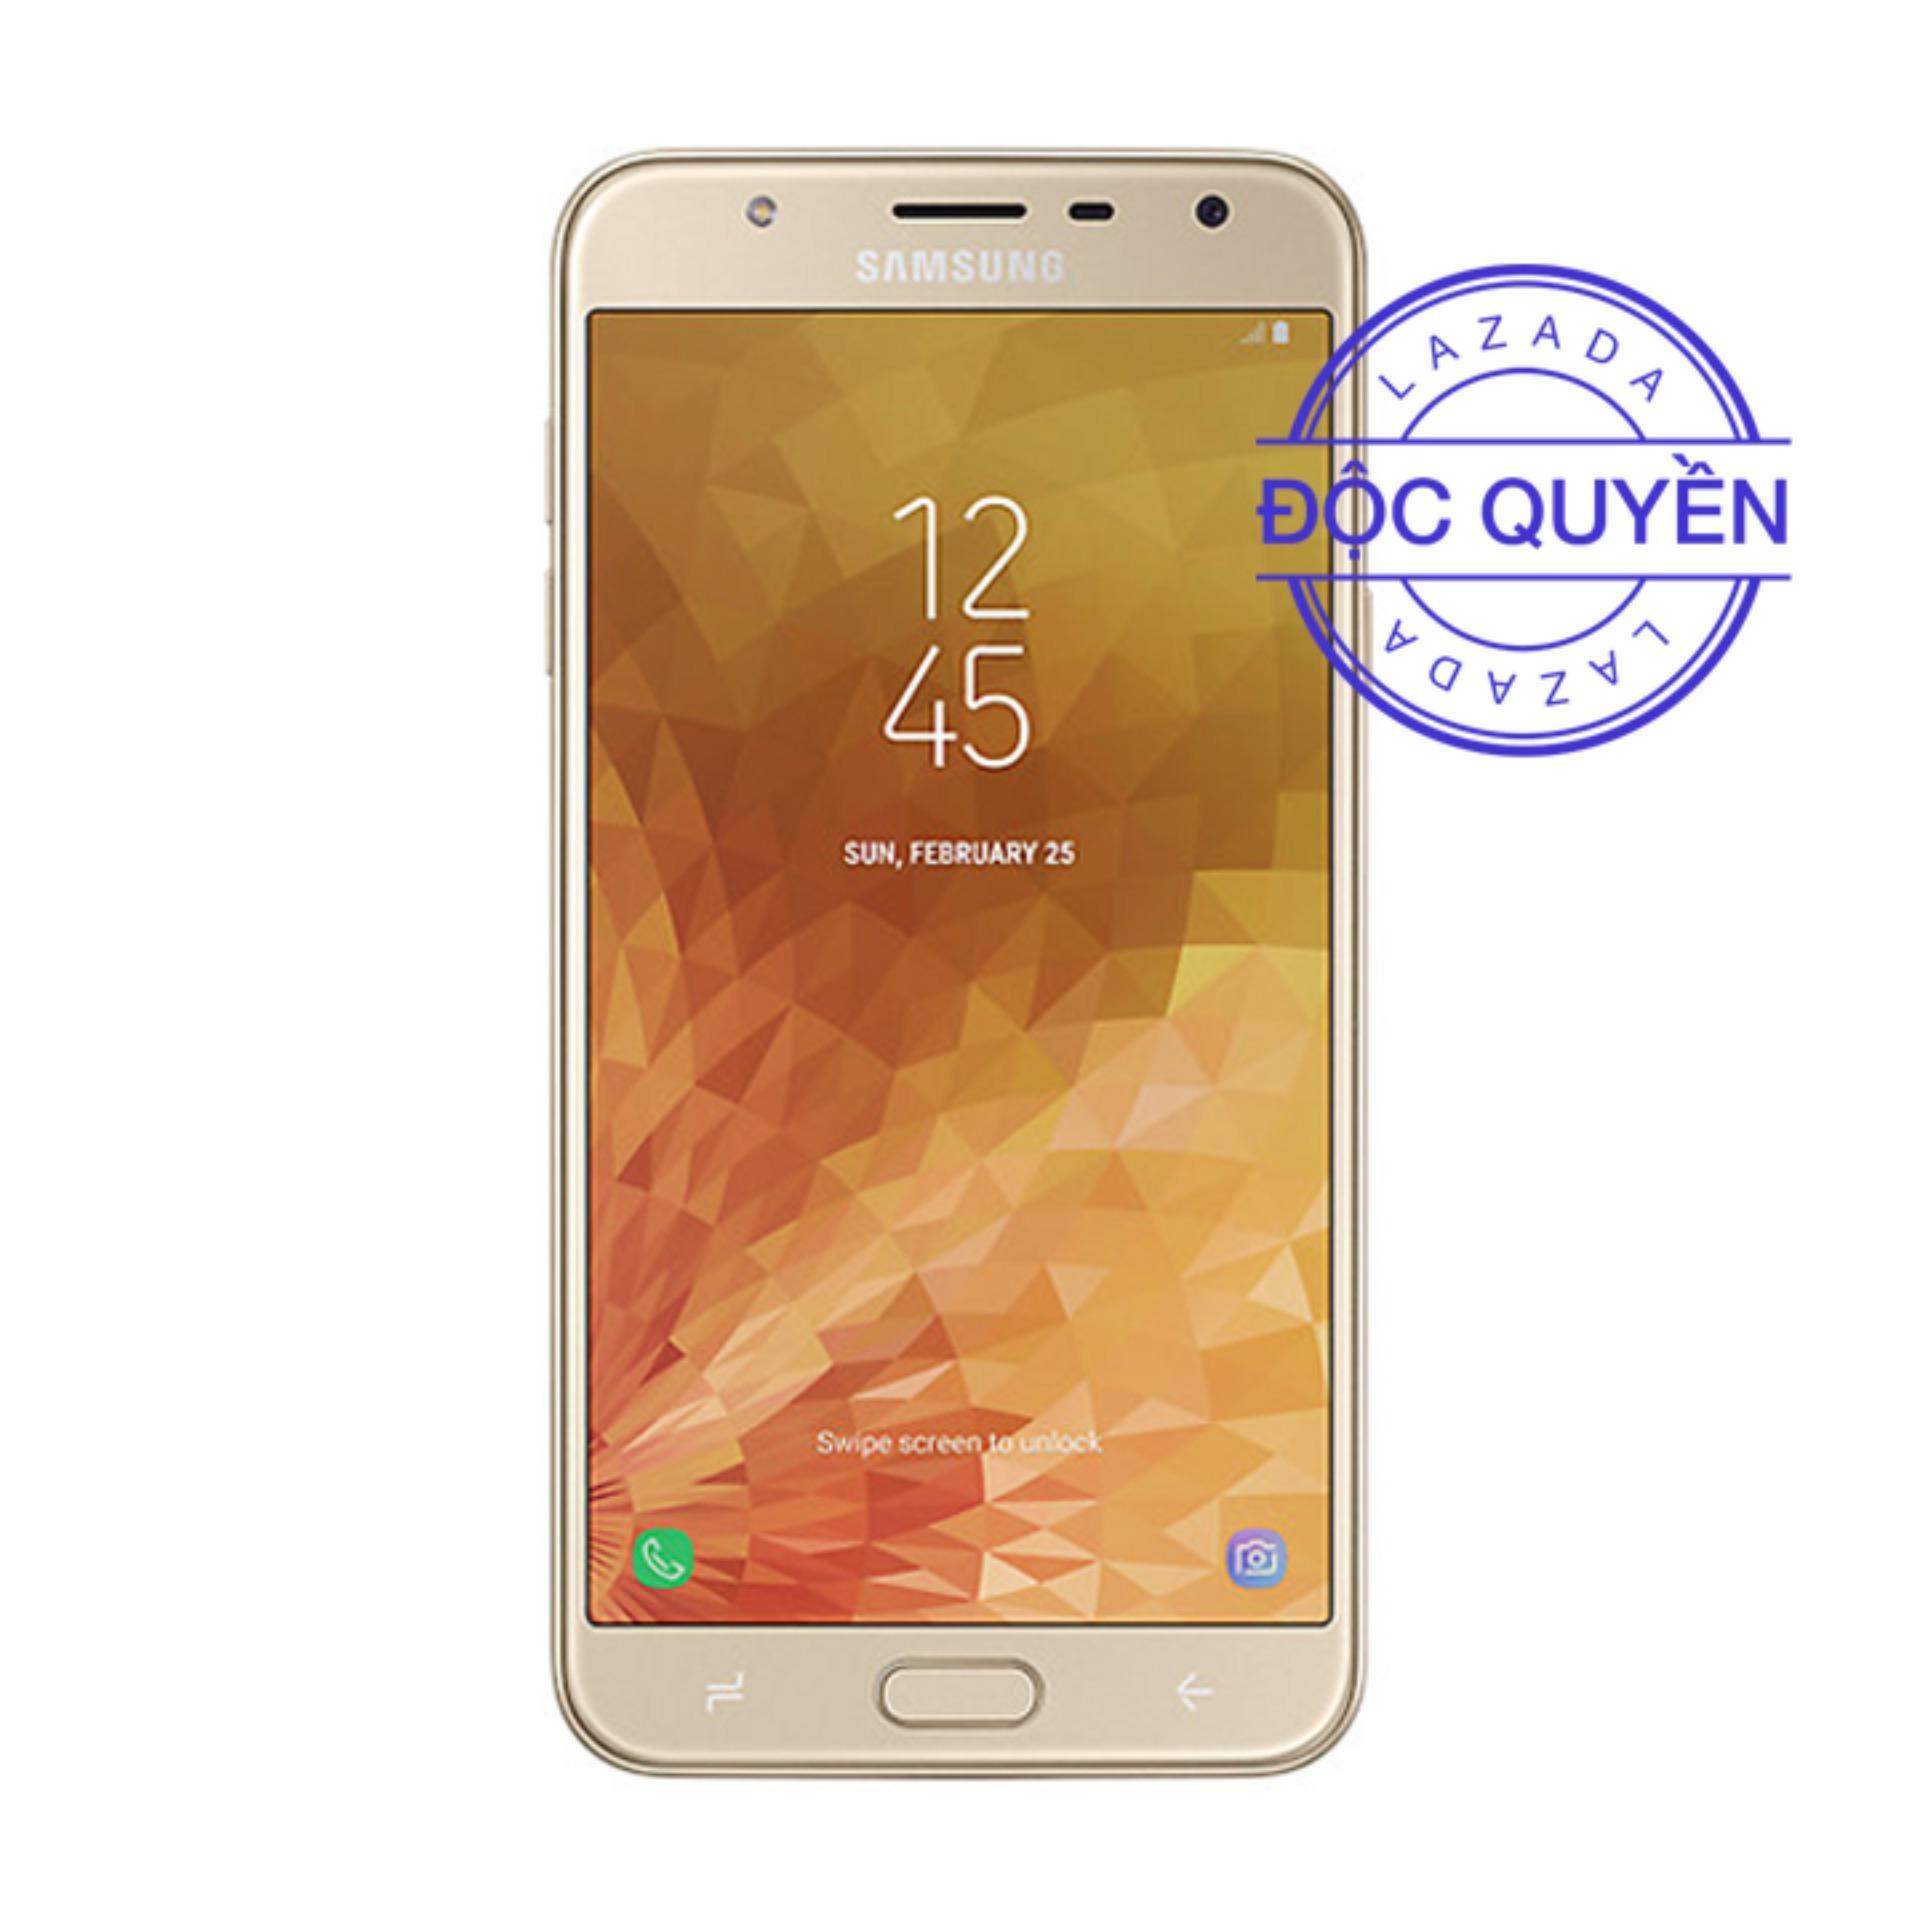 Giam 20 Mua Dien Thoai Samsung Galaxy J7 Duo 32GB Hang Phan Phoi Chinh Thuc O Dau